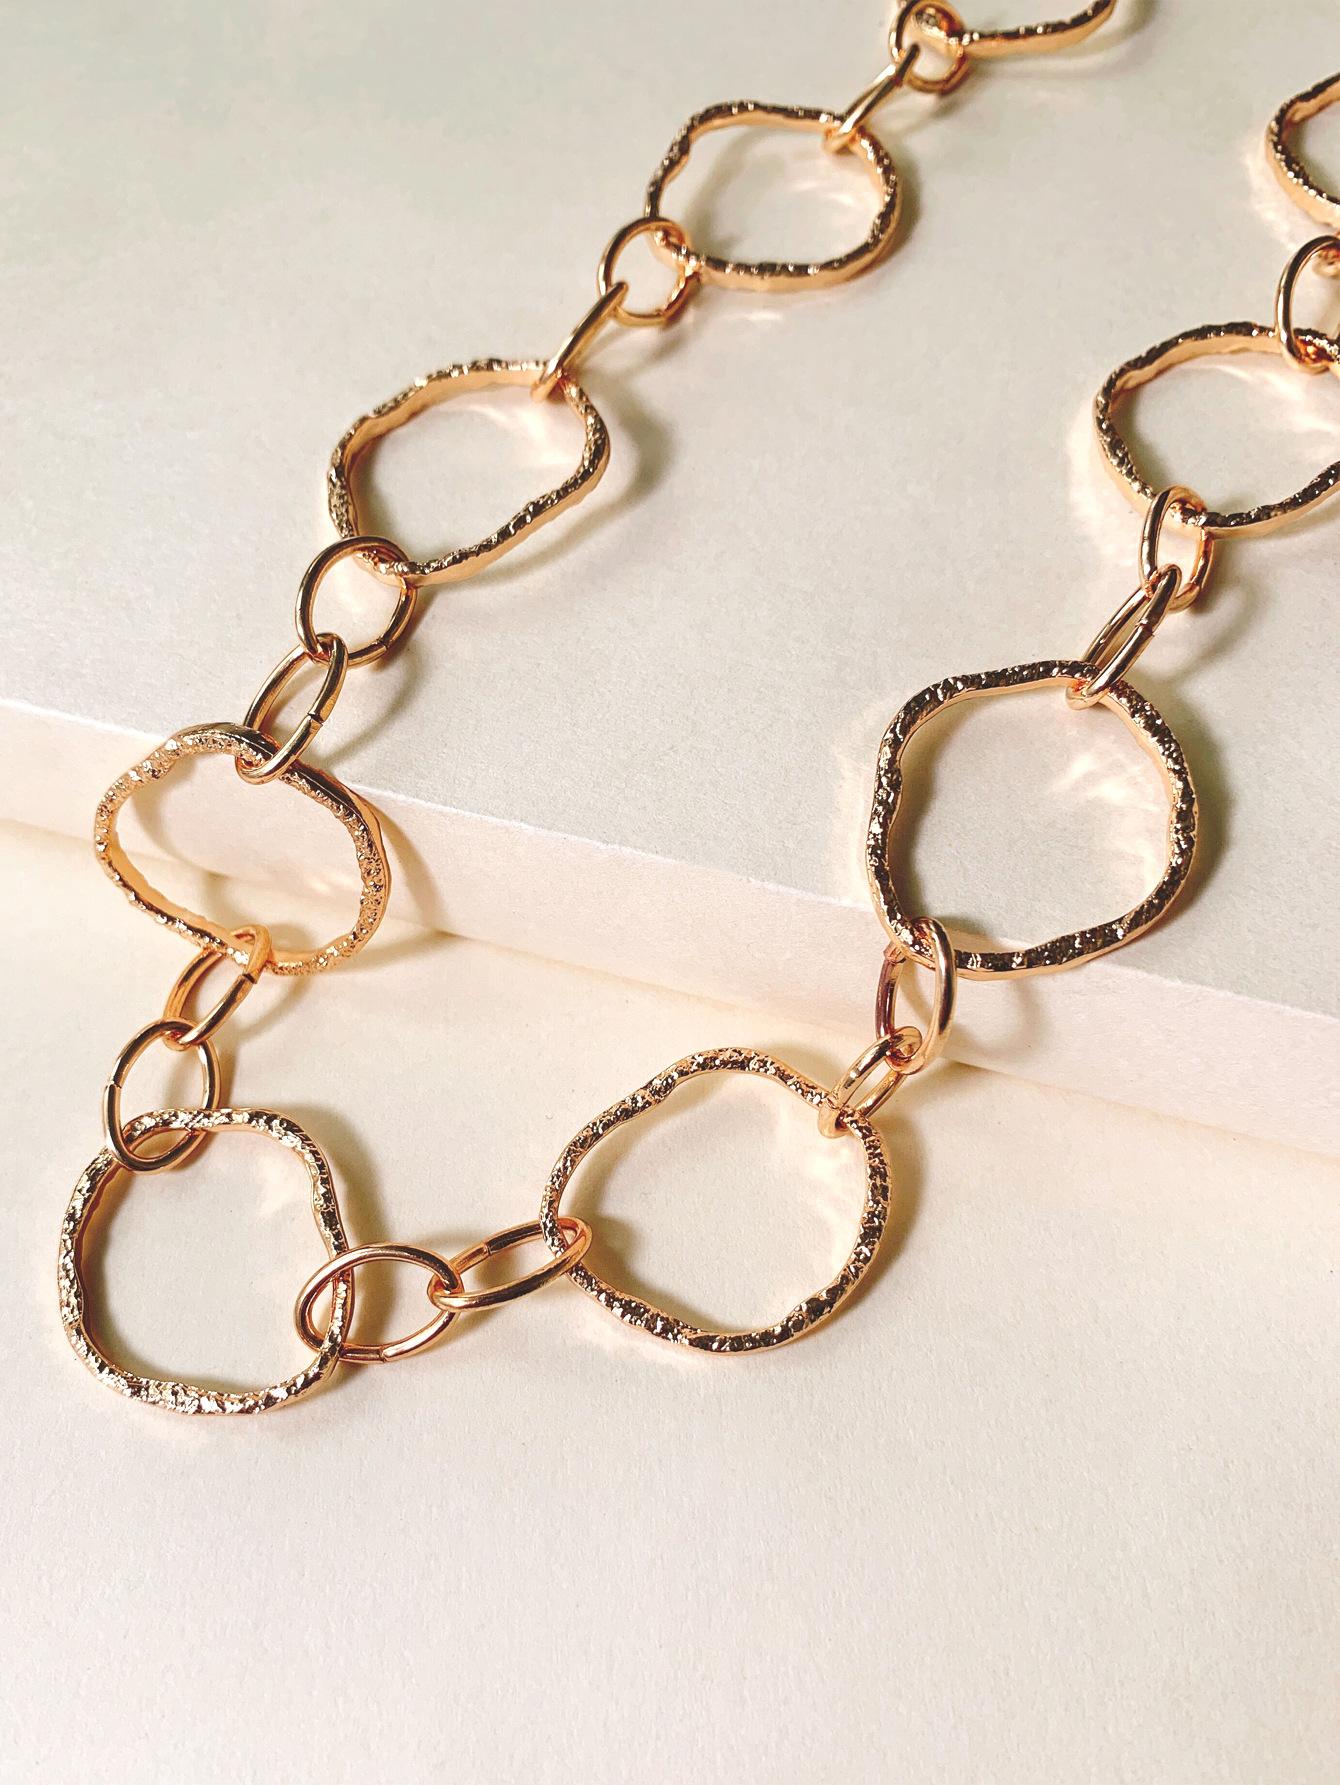 Korean geometric chain necklace niche fashion temperament sweater chain accessories wholesale nihaojewelry NHJJ222375